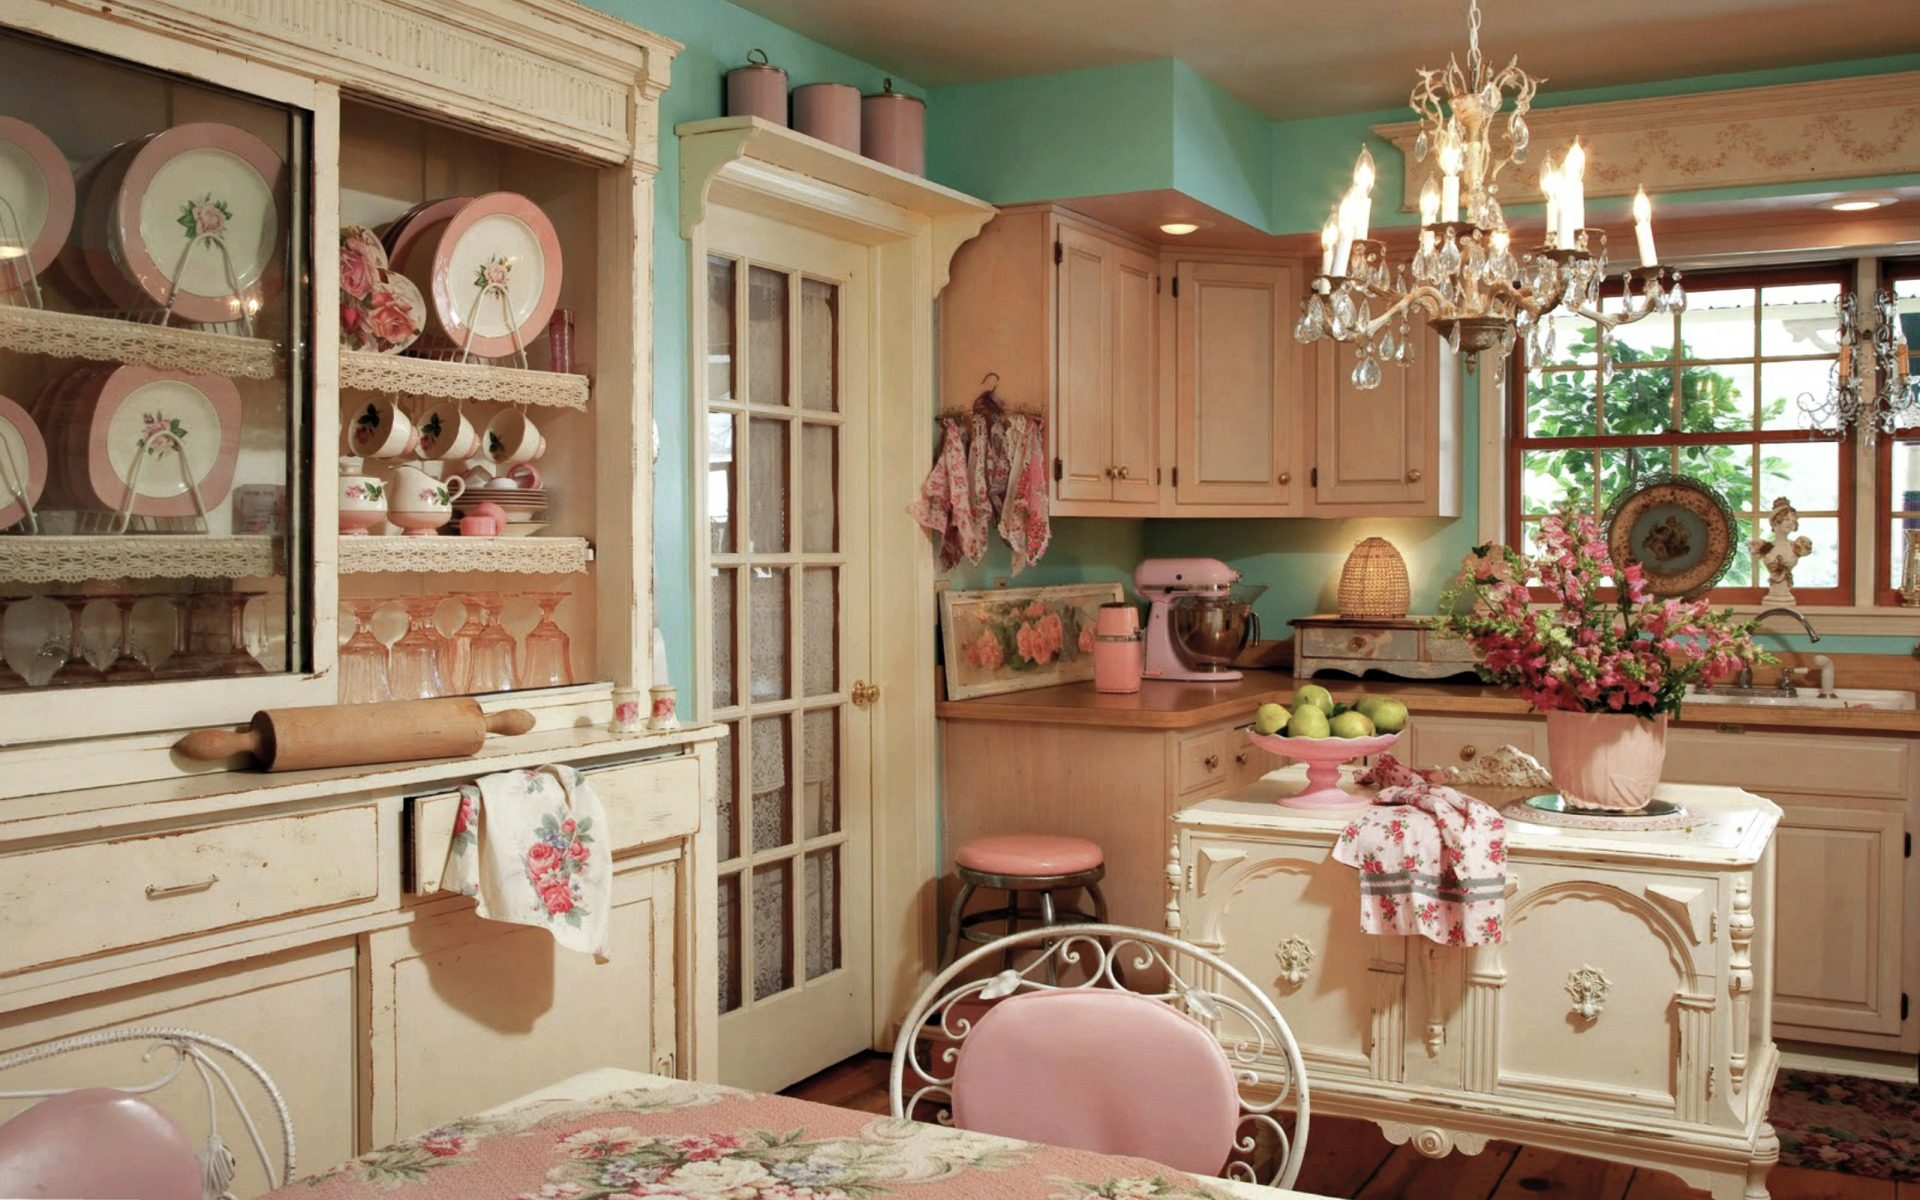 Cocina retro vintage rosa